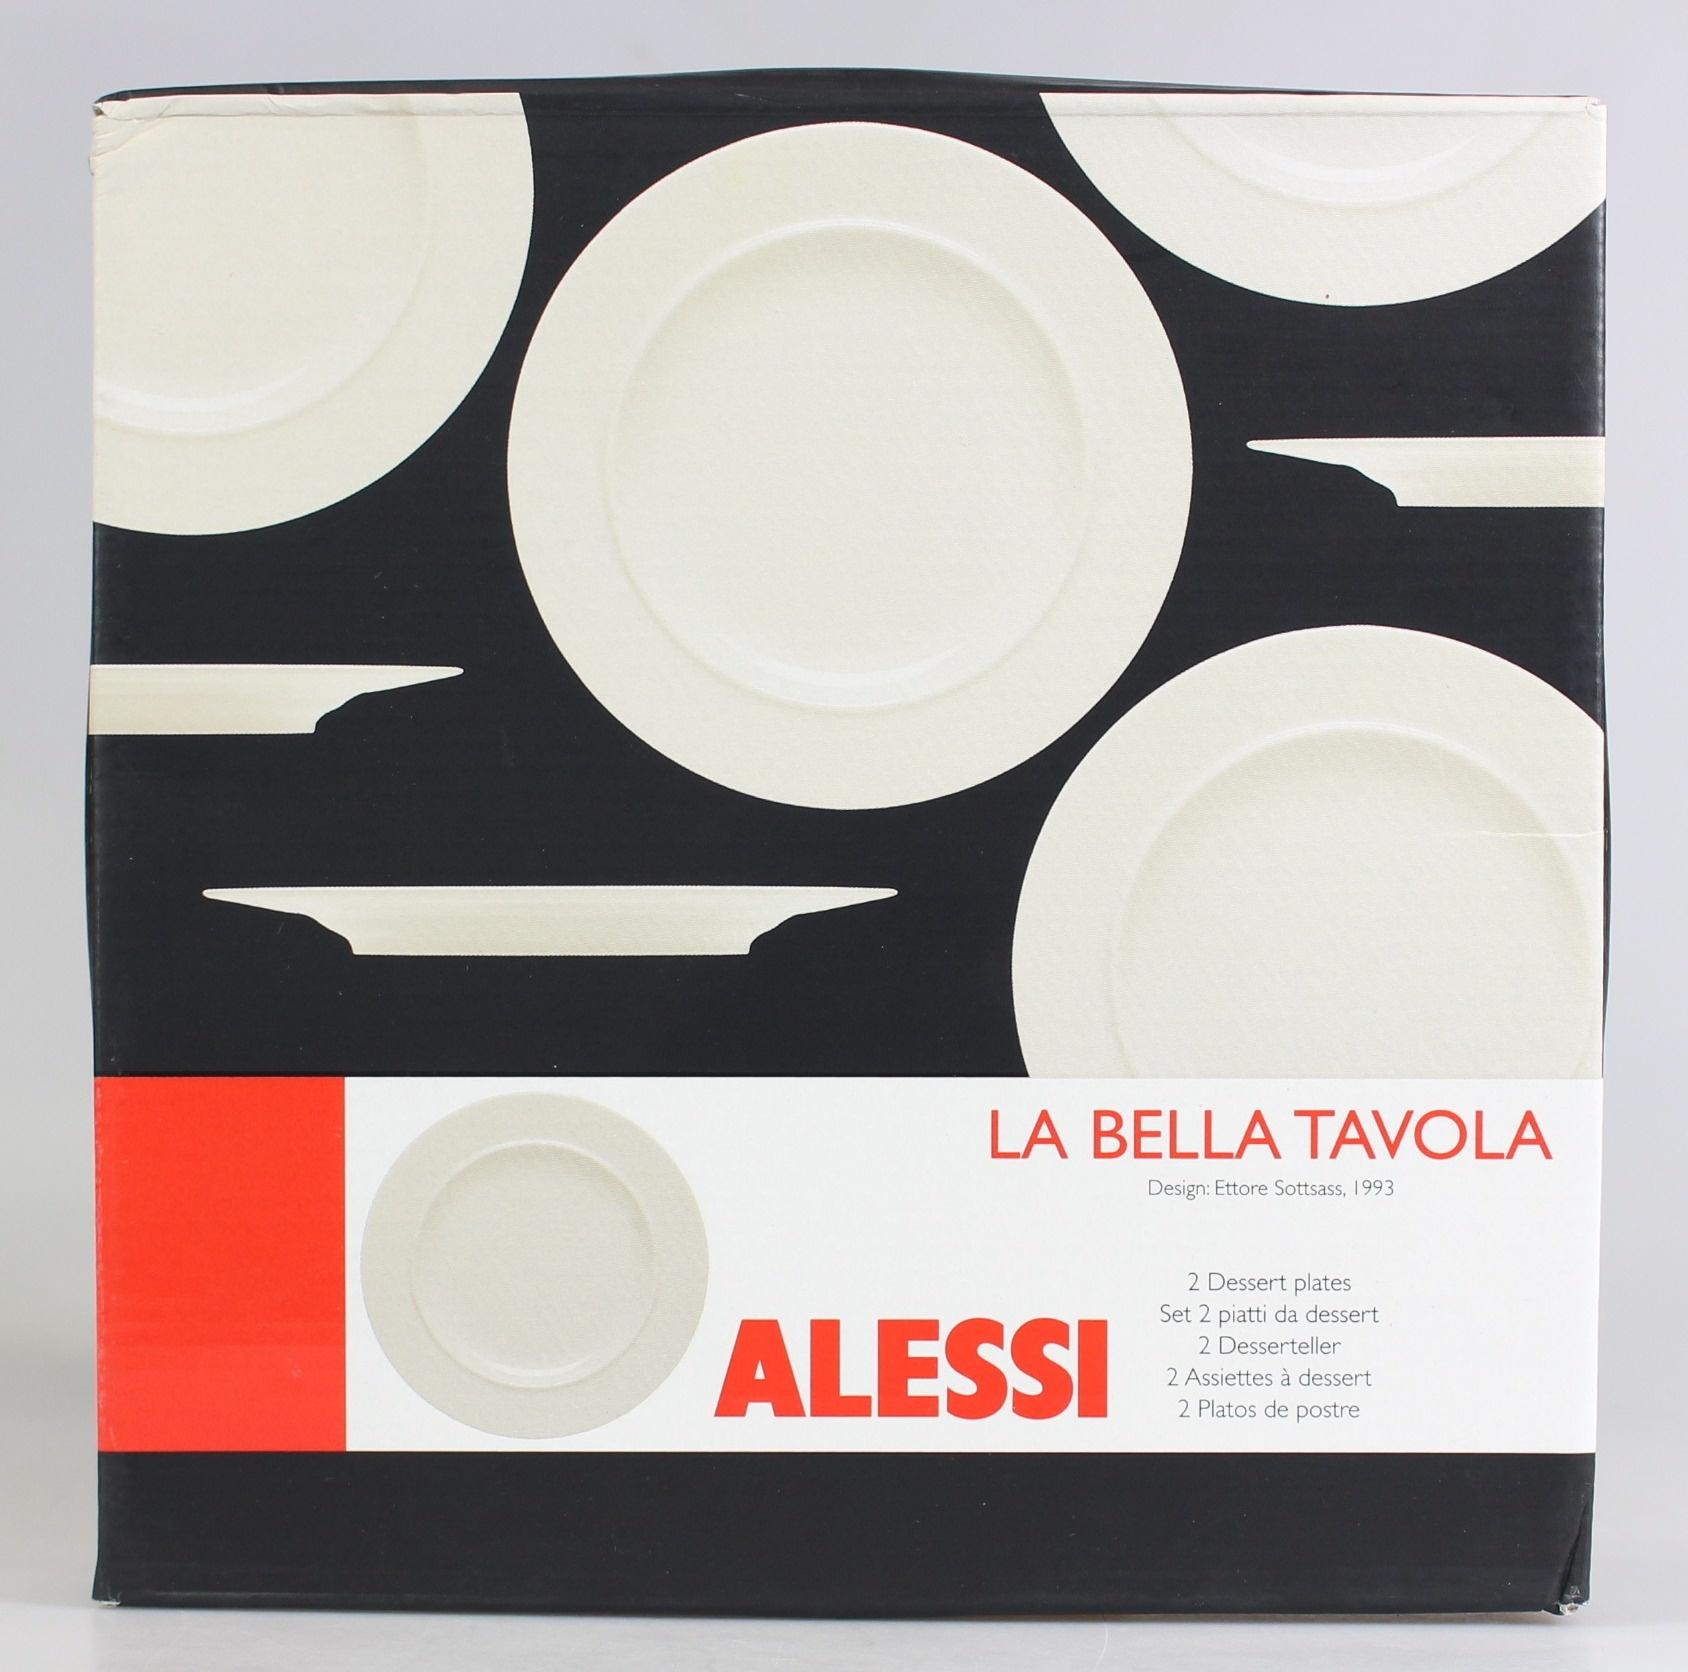 ALESSI lot de 2 assiettes La Bella Travaola